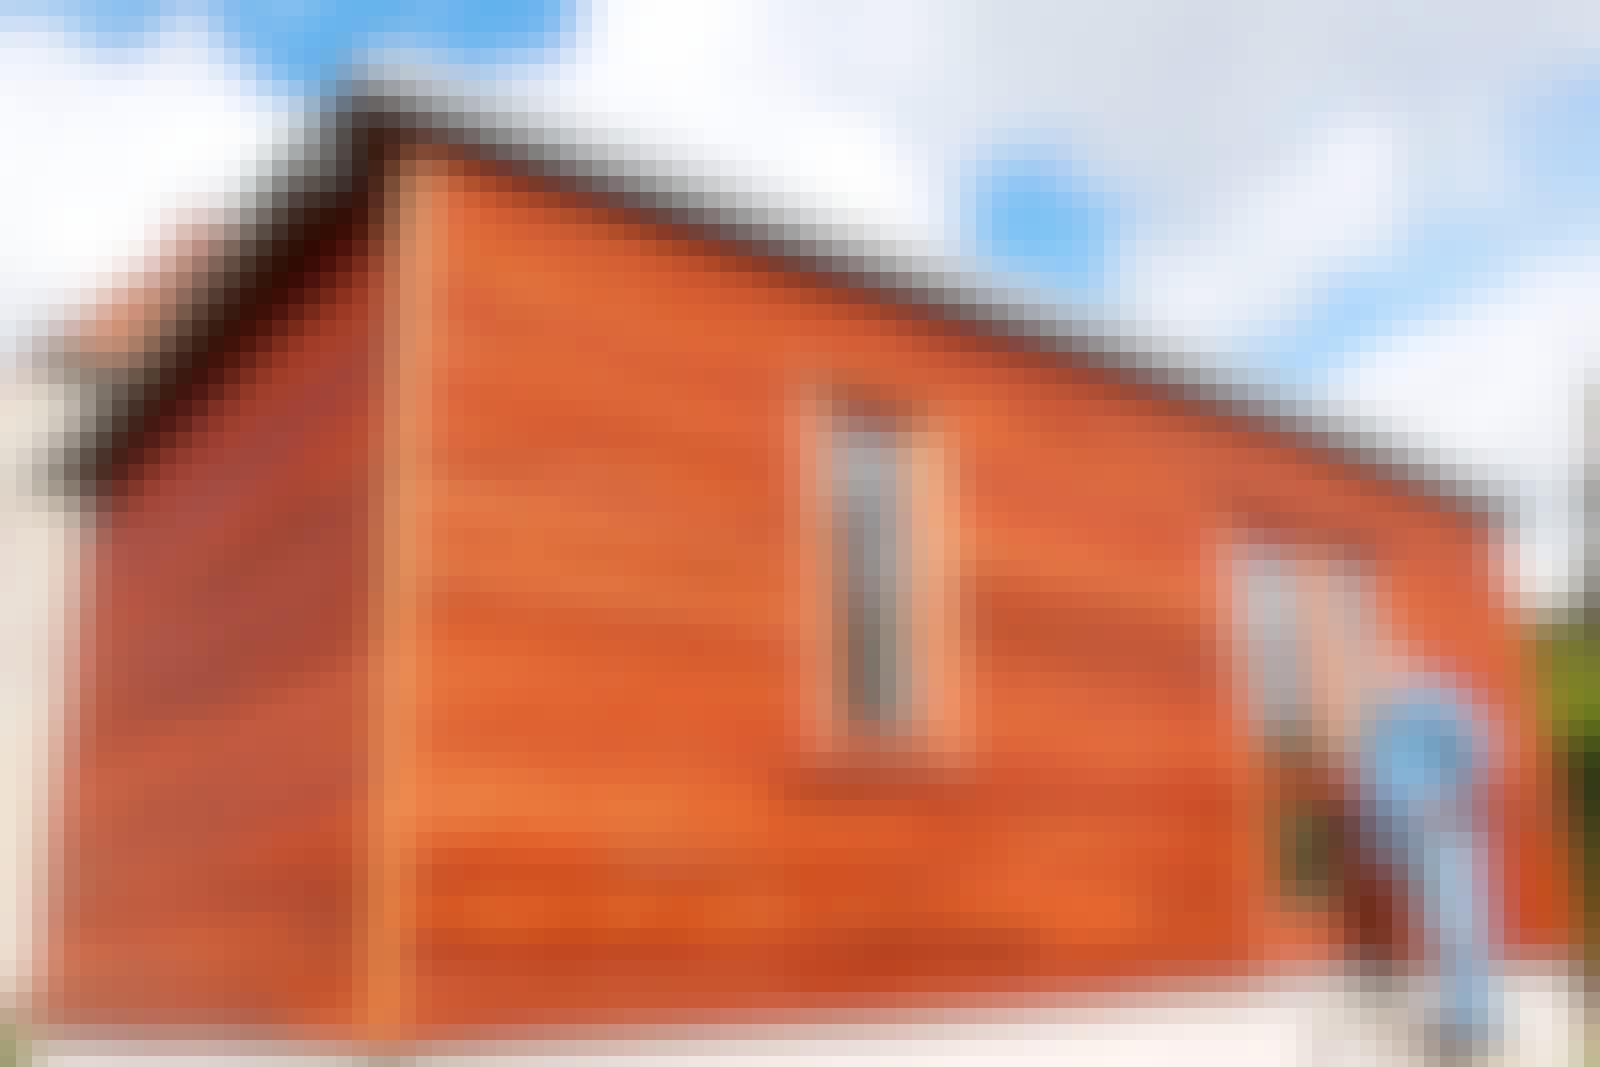 Träpanel: Panel av olika träslag